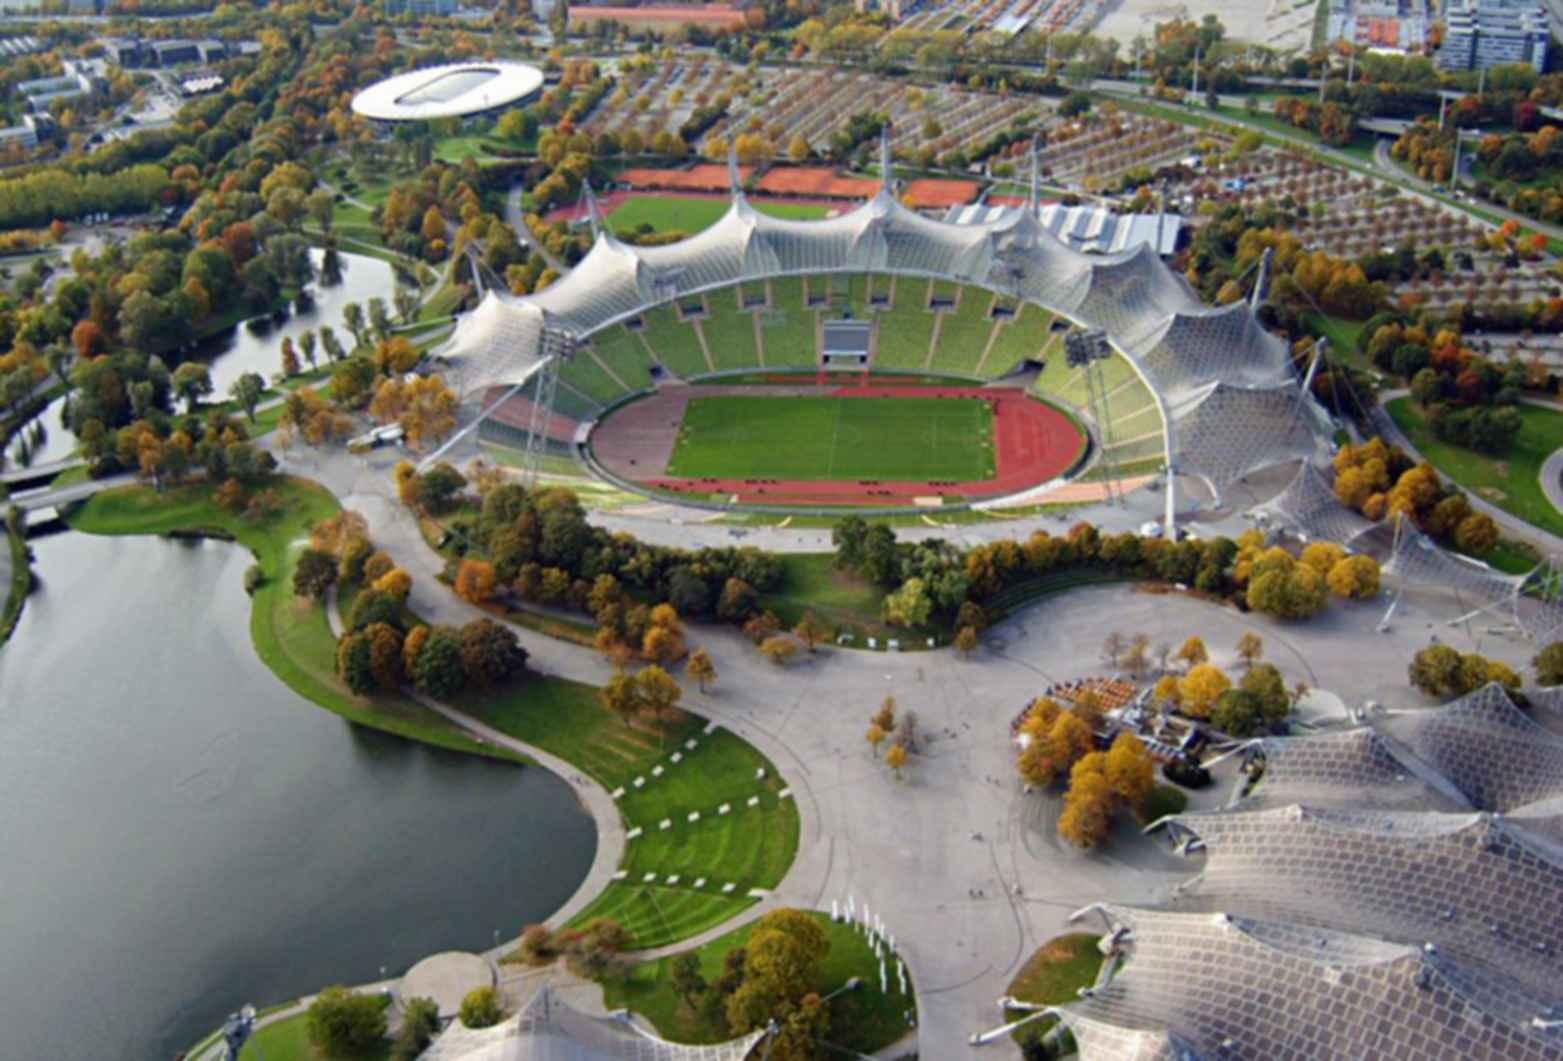 Munich Olympic Stadium - Exterior